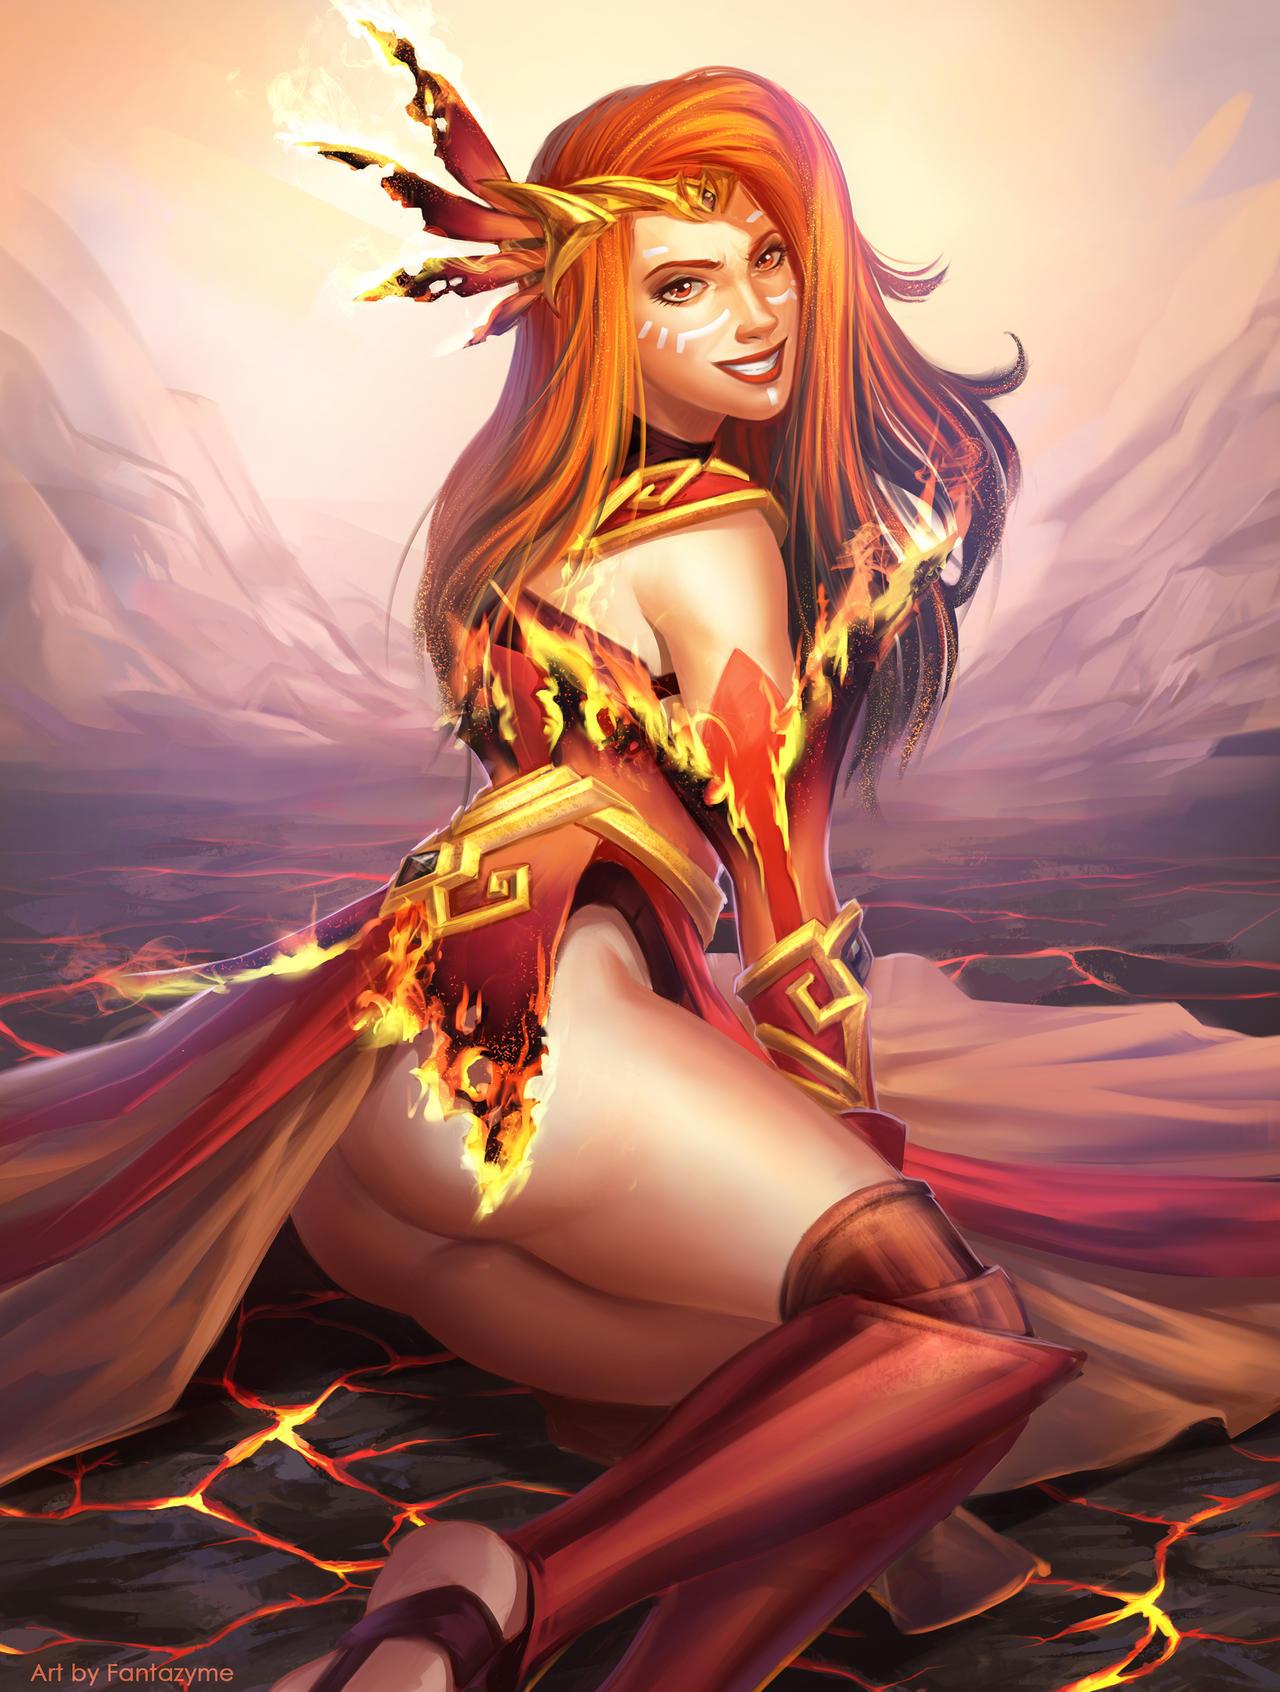 Fire Soul - Lina by fantazyme on DeviantArt